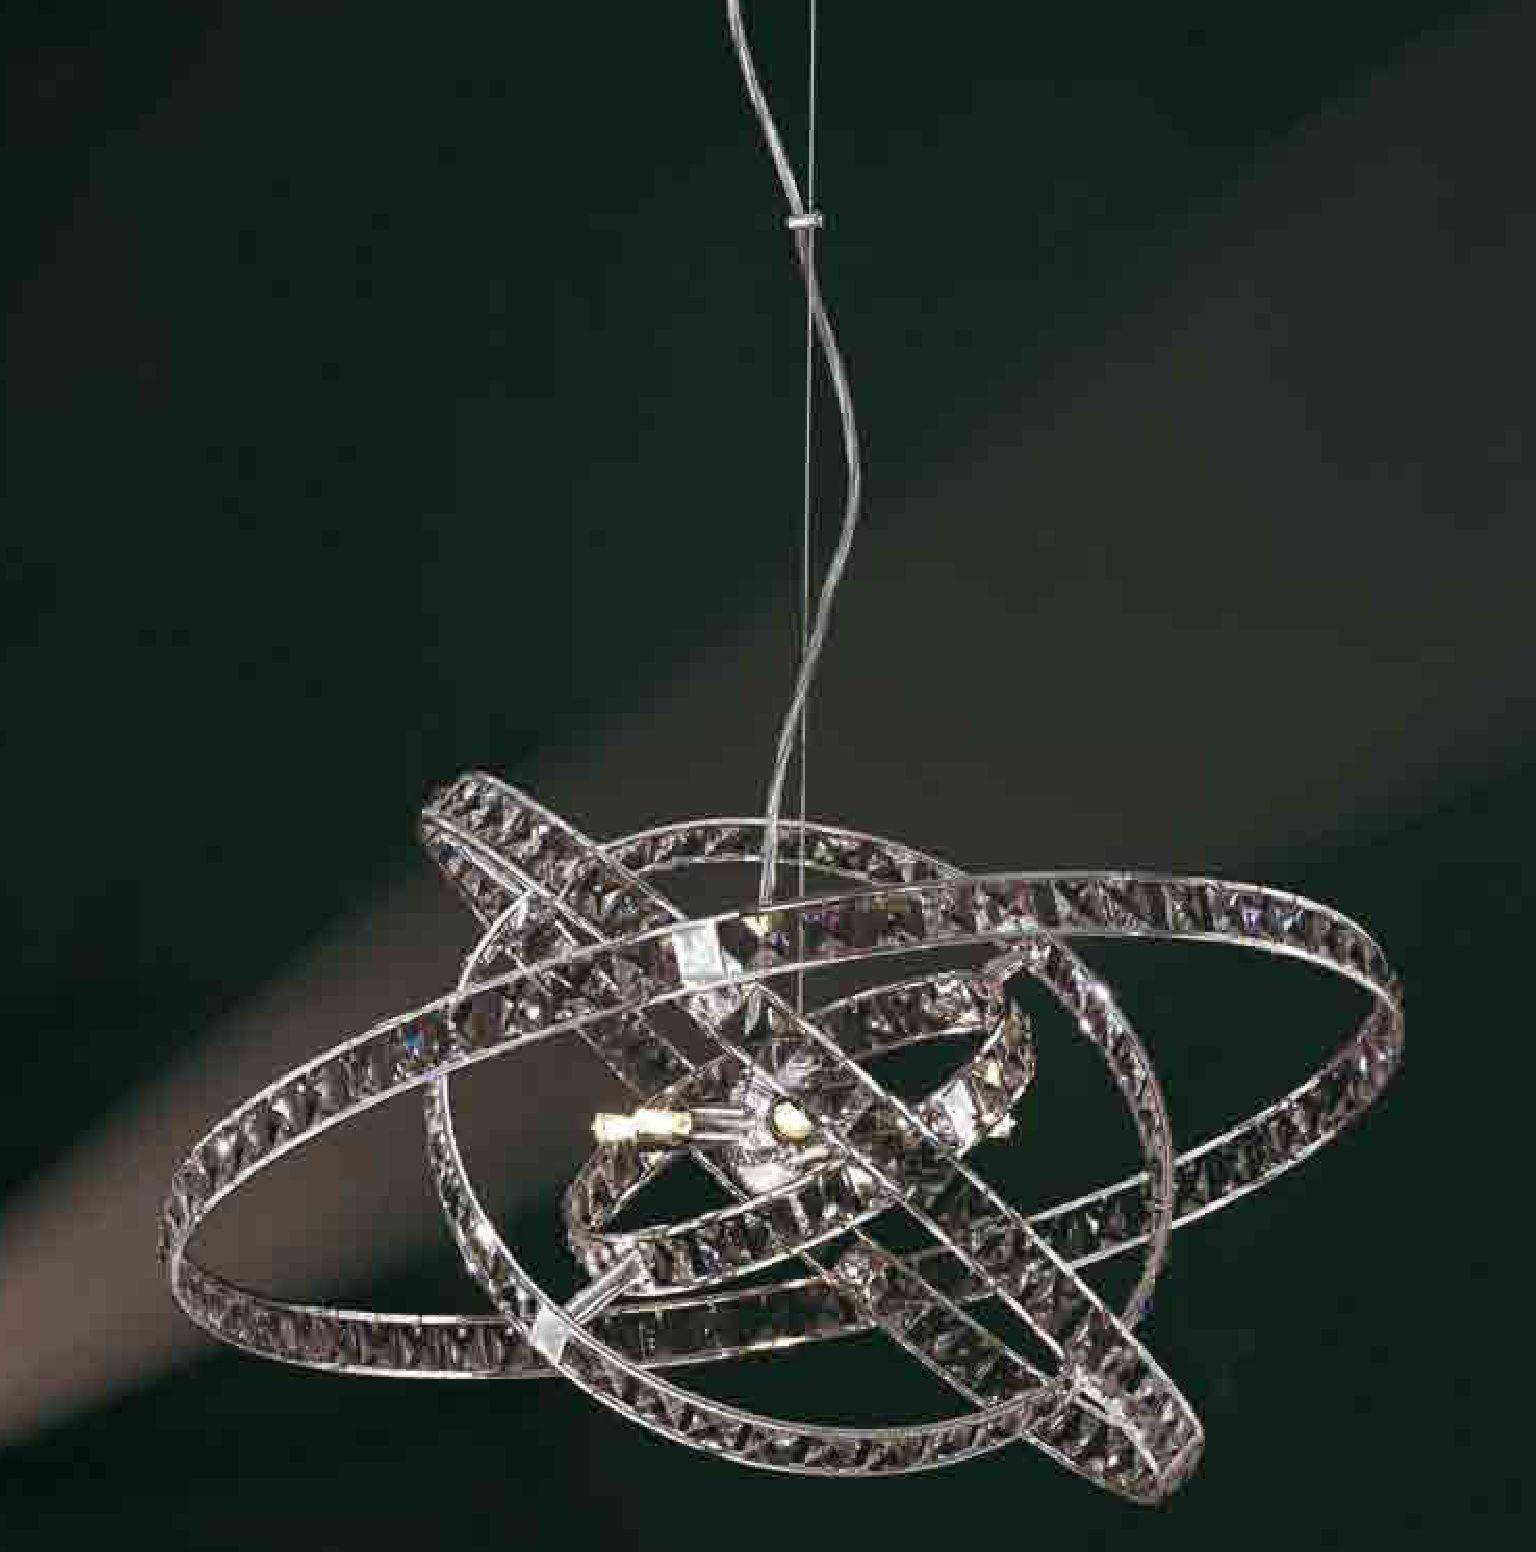 Lucicastiglione fabbrica lampadari: Nuovo catalogo lampadari moderni